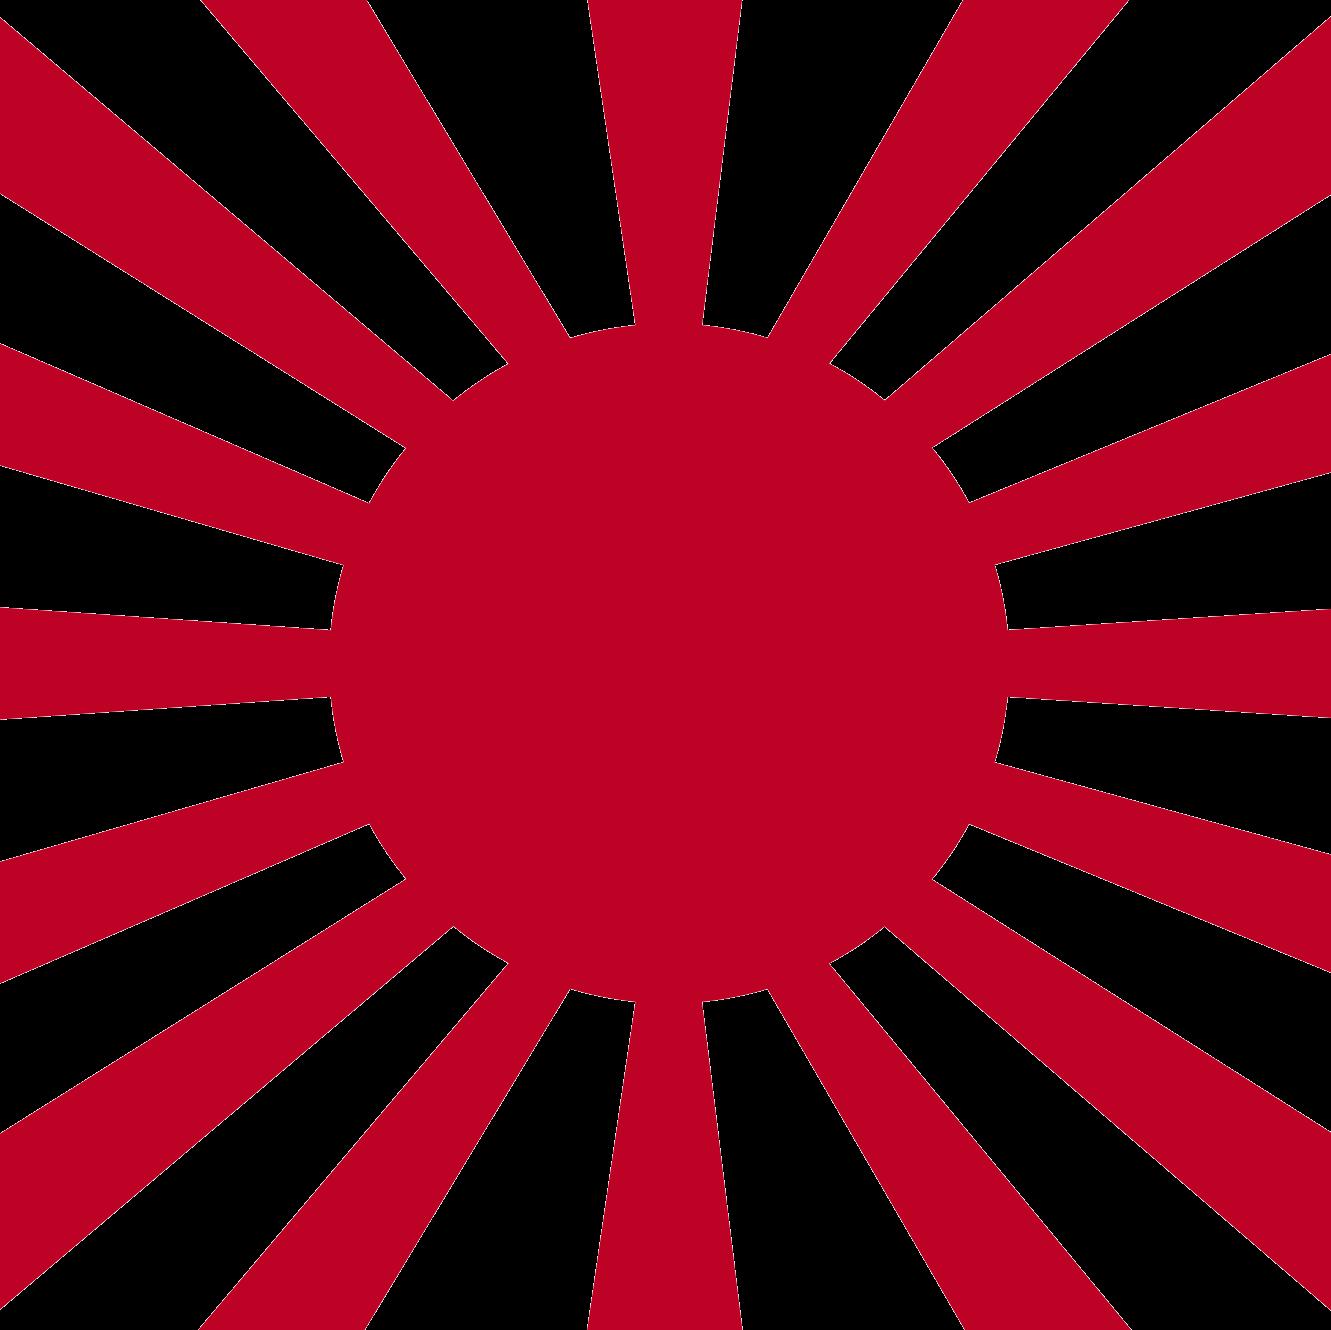 国家社会民主主義日本労働戦線 (...